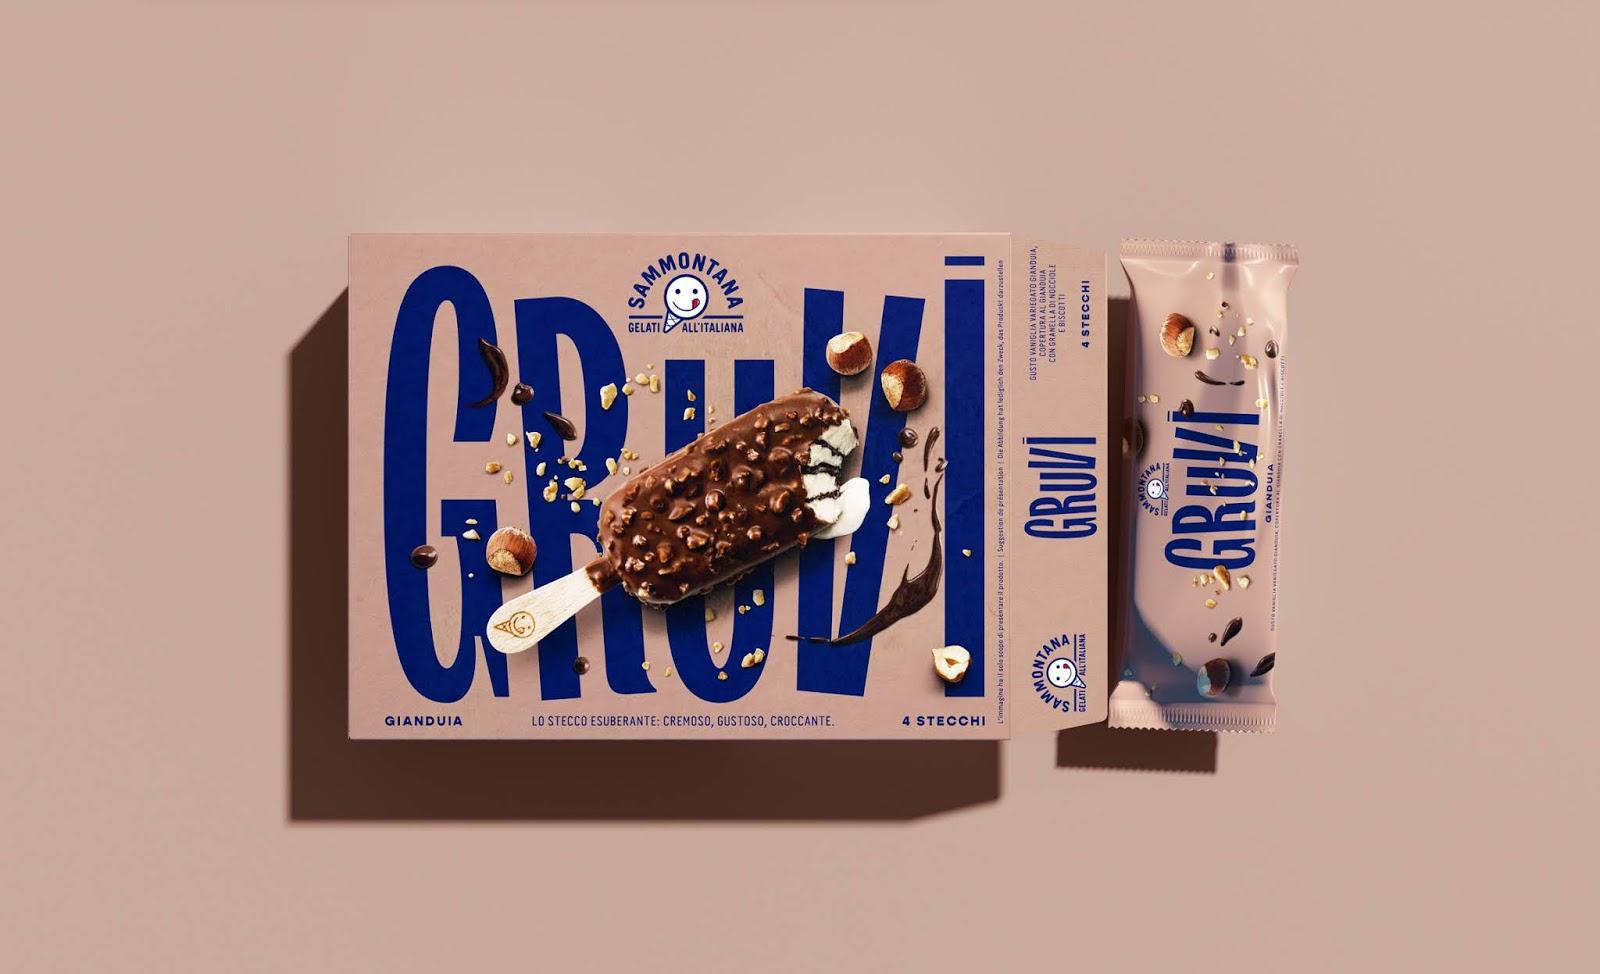 大字体和时尚配色带来的视觉冲击力!Sammontana Gruvi冰棒包装设计